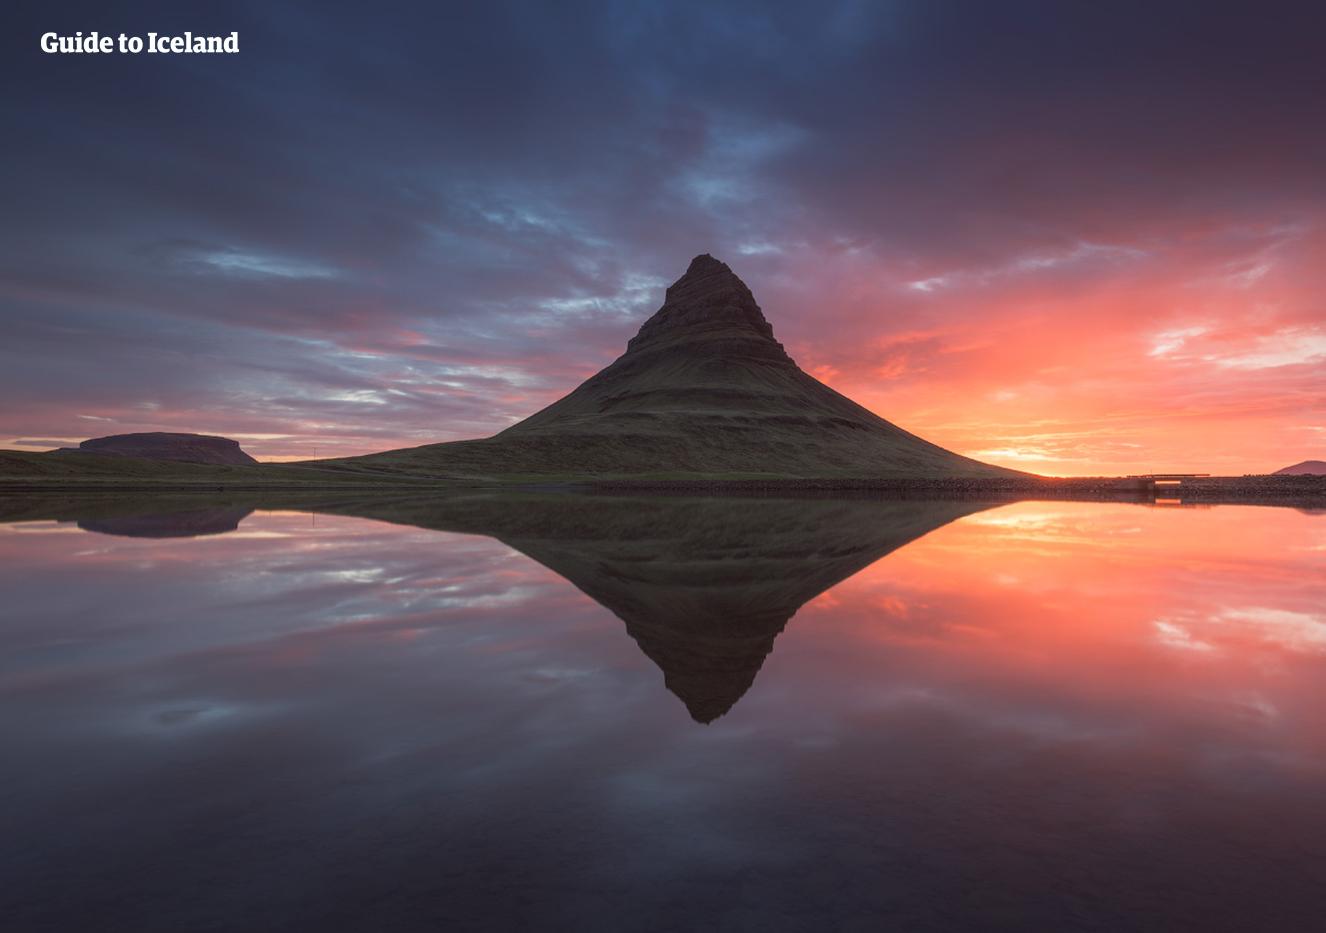 ブルーラグーンはアイスランドでも大人気の観光地